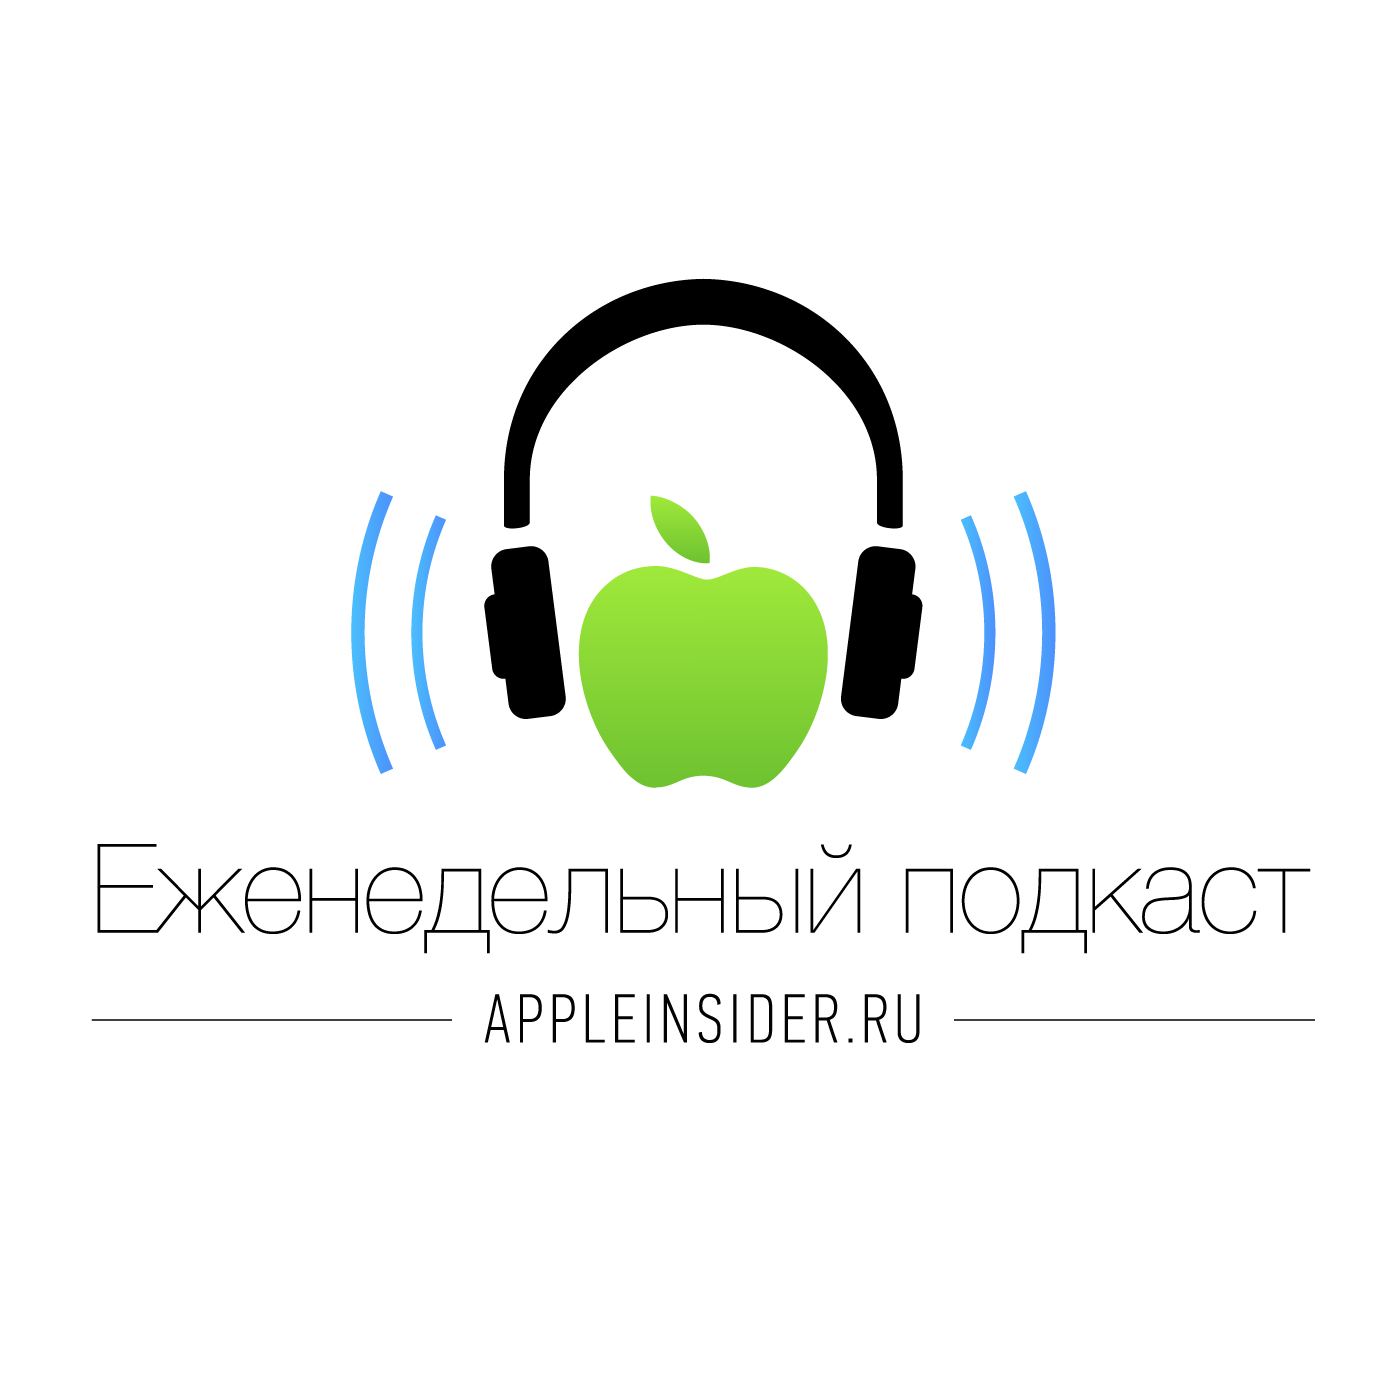 Миша Королев iOS 9.3.2 миша королев чему равна наценка на iphone в российской рознице